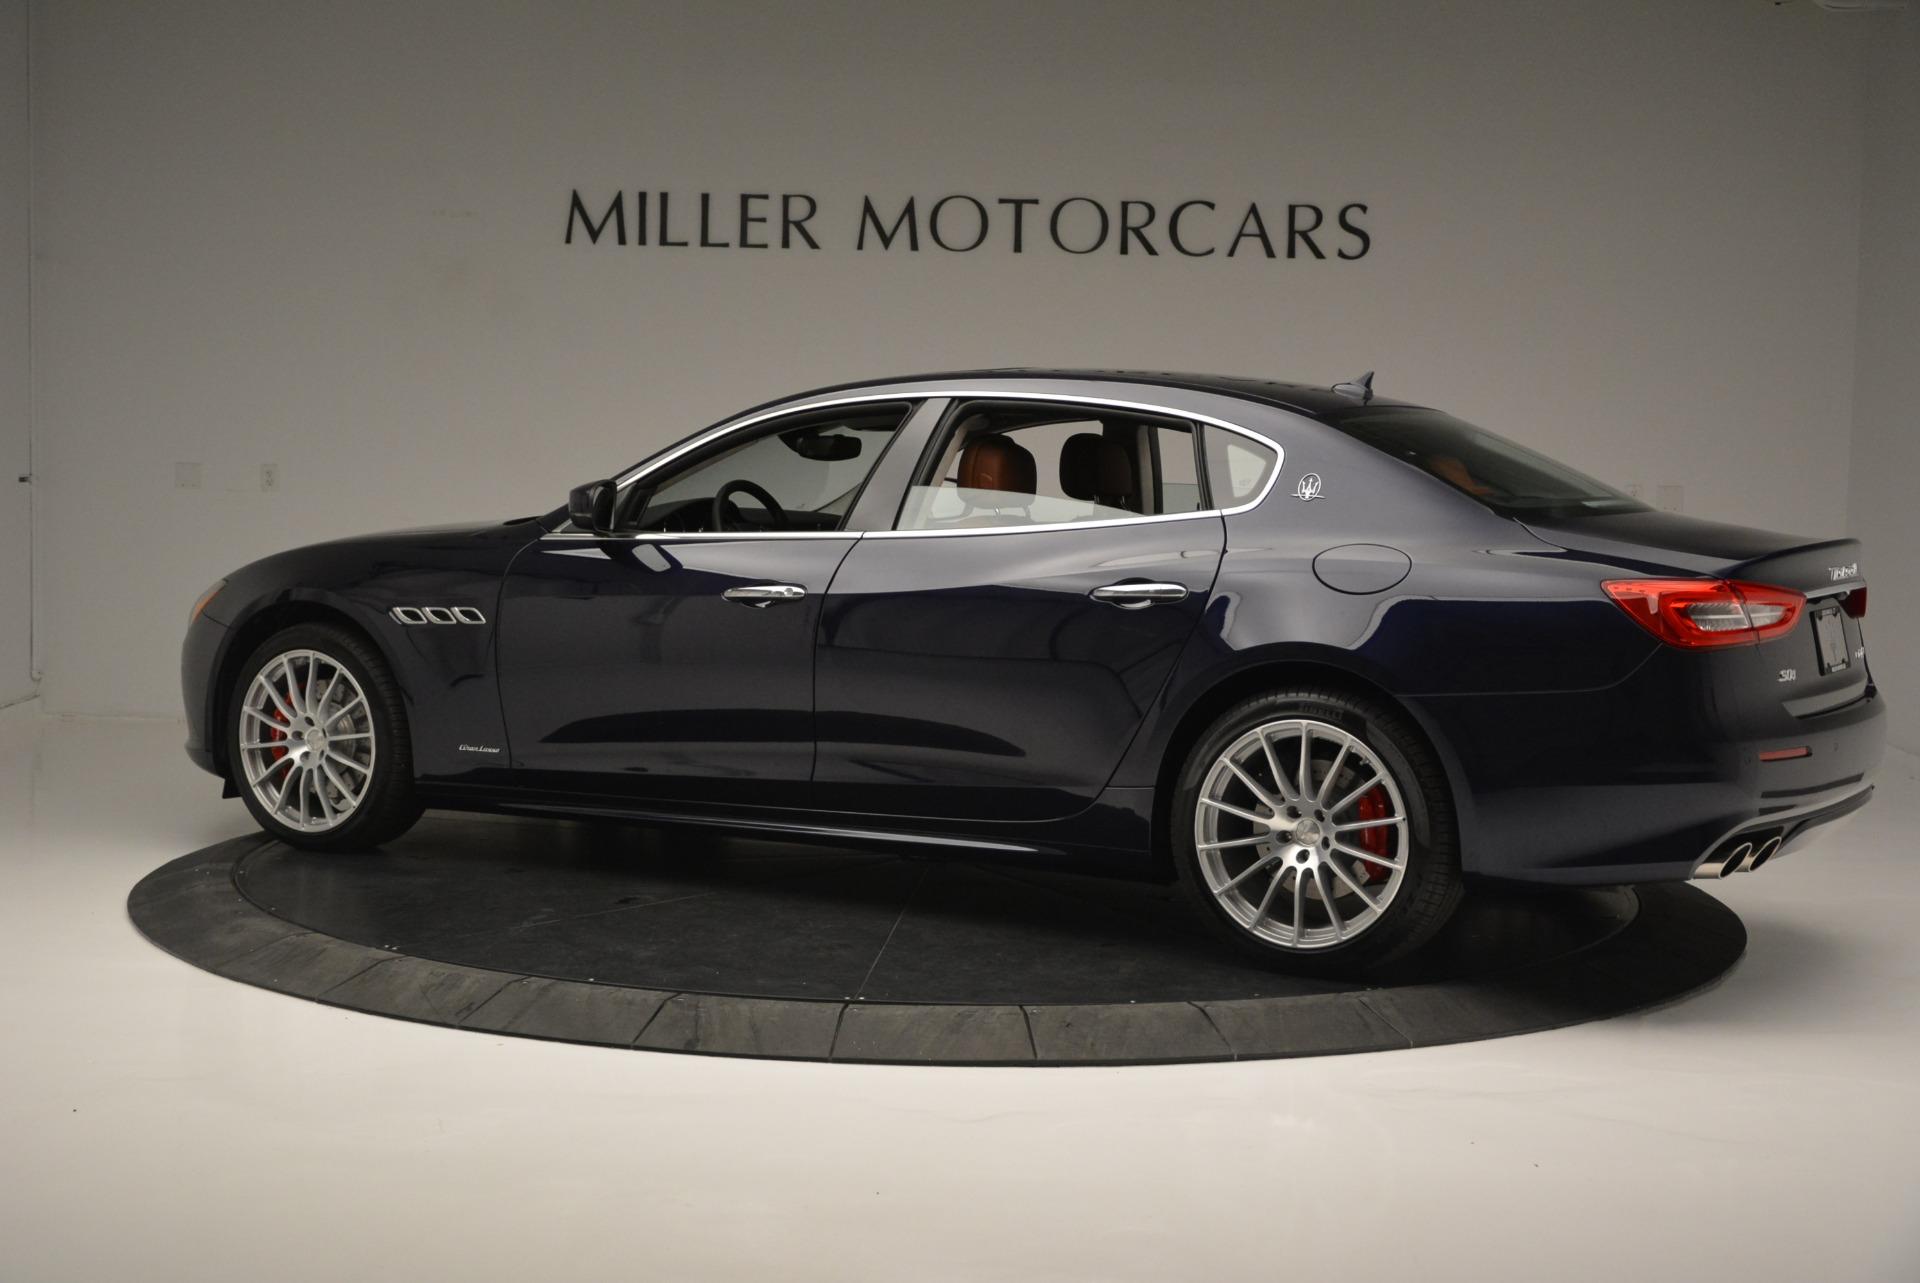 New 2018 Maserati Quattroporte S Q4 GranLusso For Sale In Greenwich, CT. Alfa Romeo of Greenwich, M1992 1859_p4